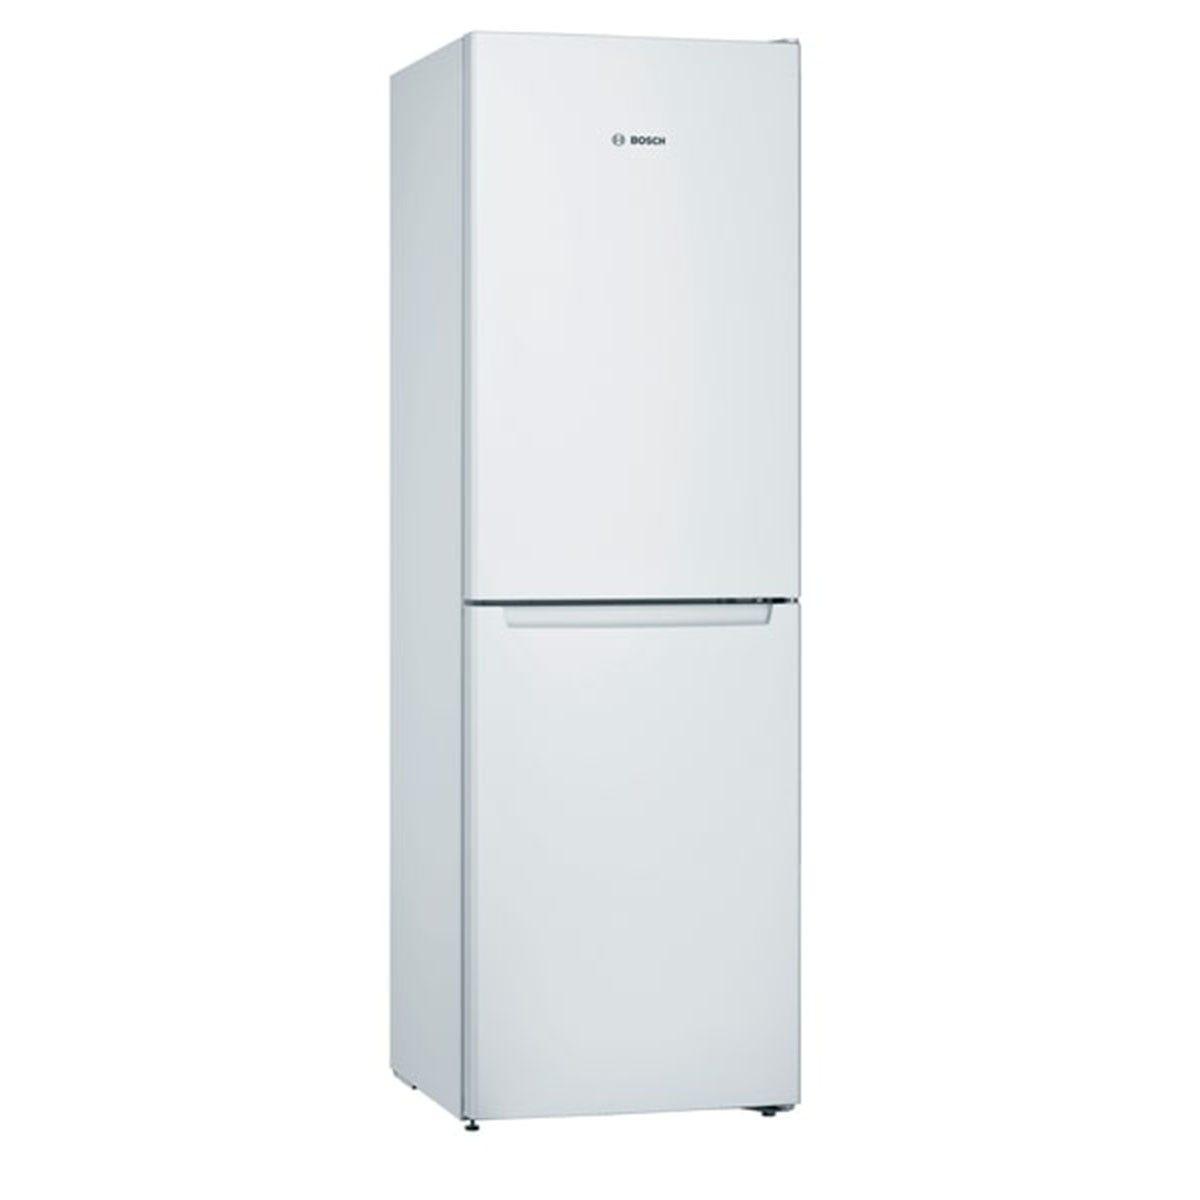 Bosch Serie 2 KGN34NWEAG  50/50 Fridge Freezer - White